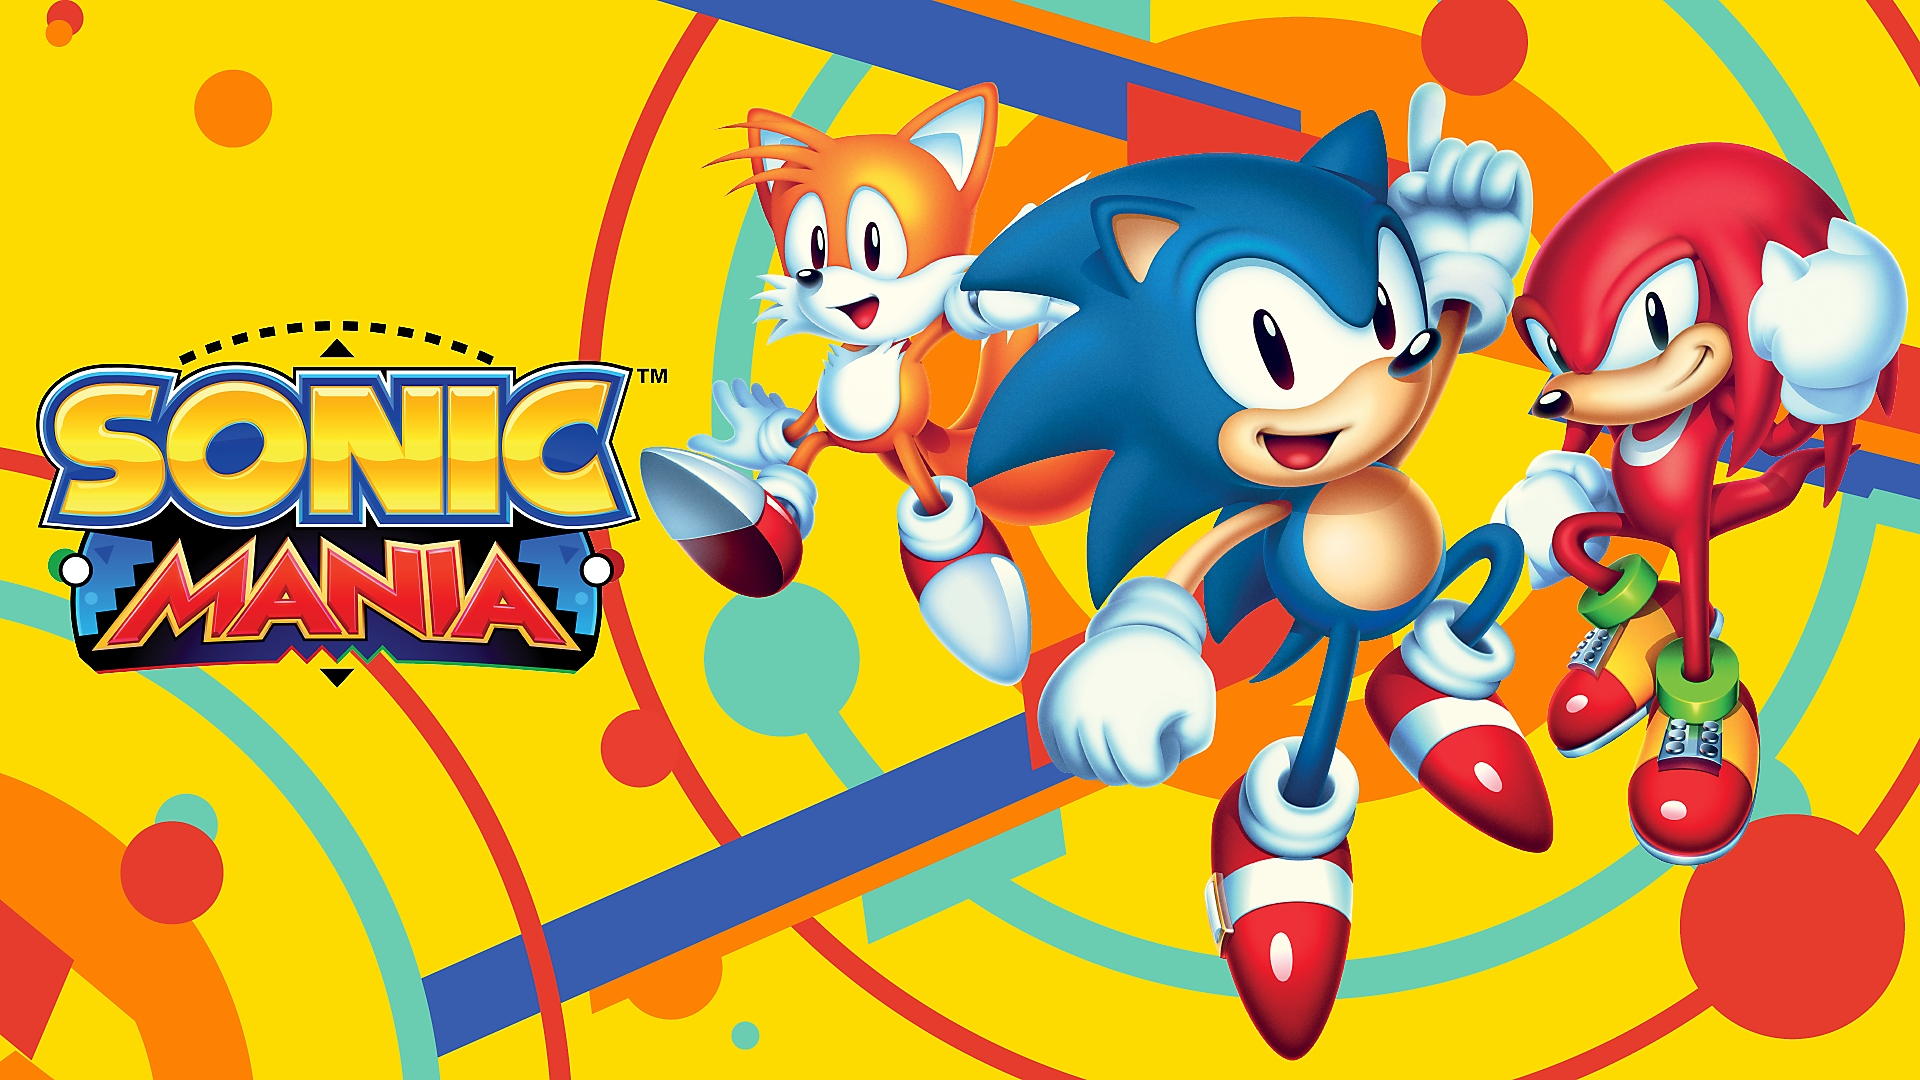 Sonic Mania - العرض التشويقي لإطلاق اللعبة